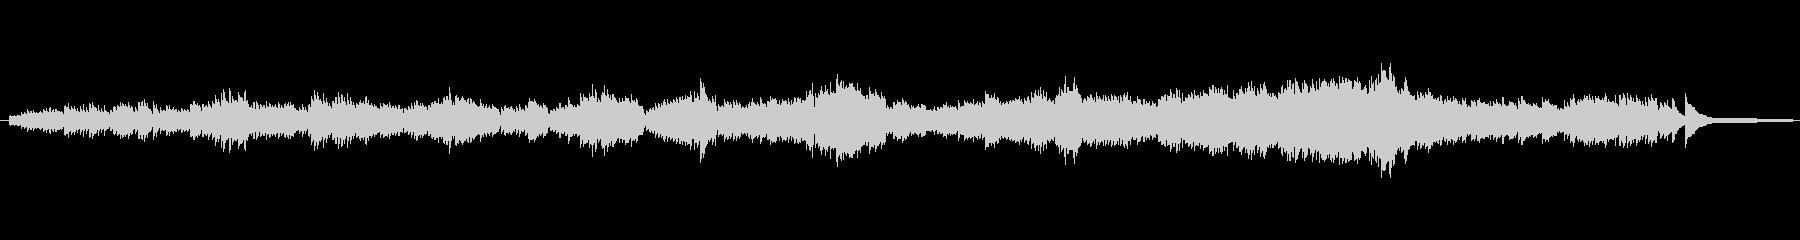 有名な バッハのピアノ曲の未再生の波形